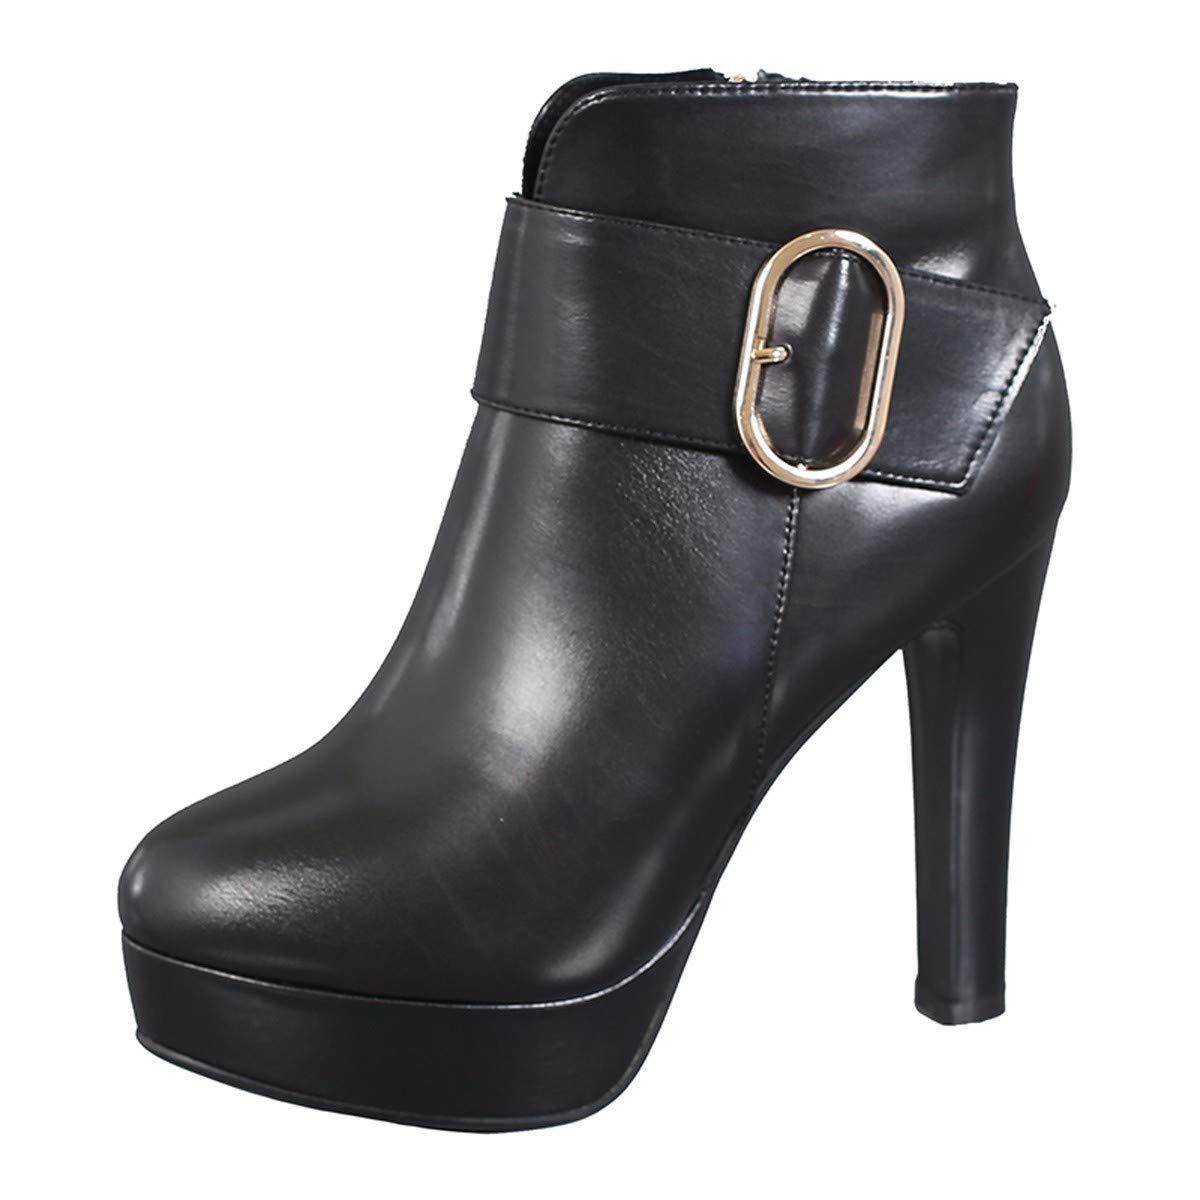 LBTSQ Damenschuhe Harte Sohle Kurze Stiefel Heel 11Cm Winter Samt Samt Samt Martin Stiefel Wasserdichte Plattform Schwarze Schuhe Mode Baumwolle e1b859